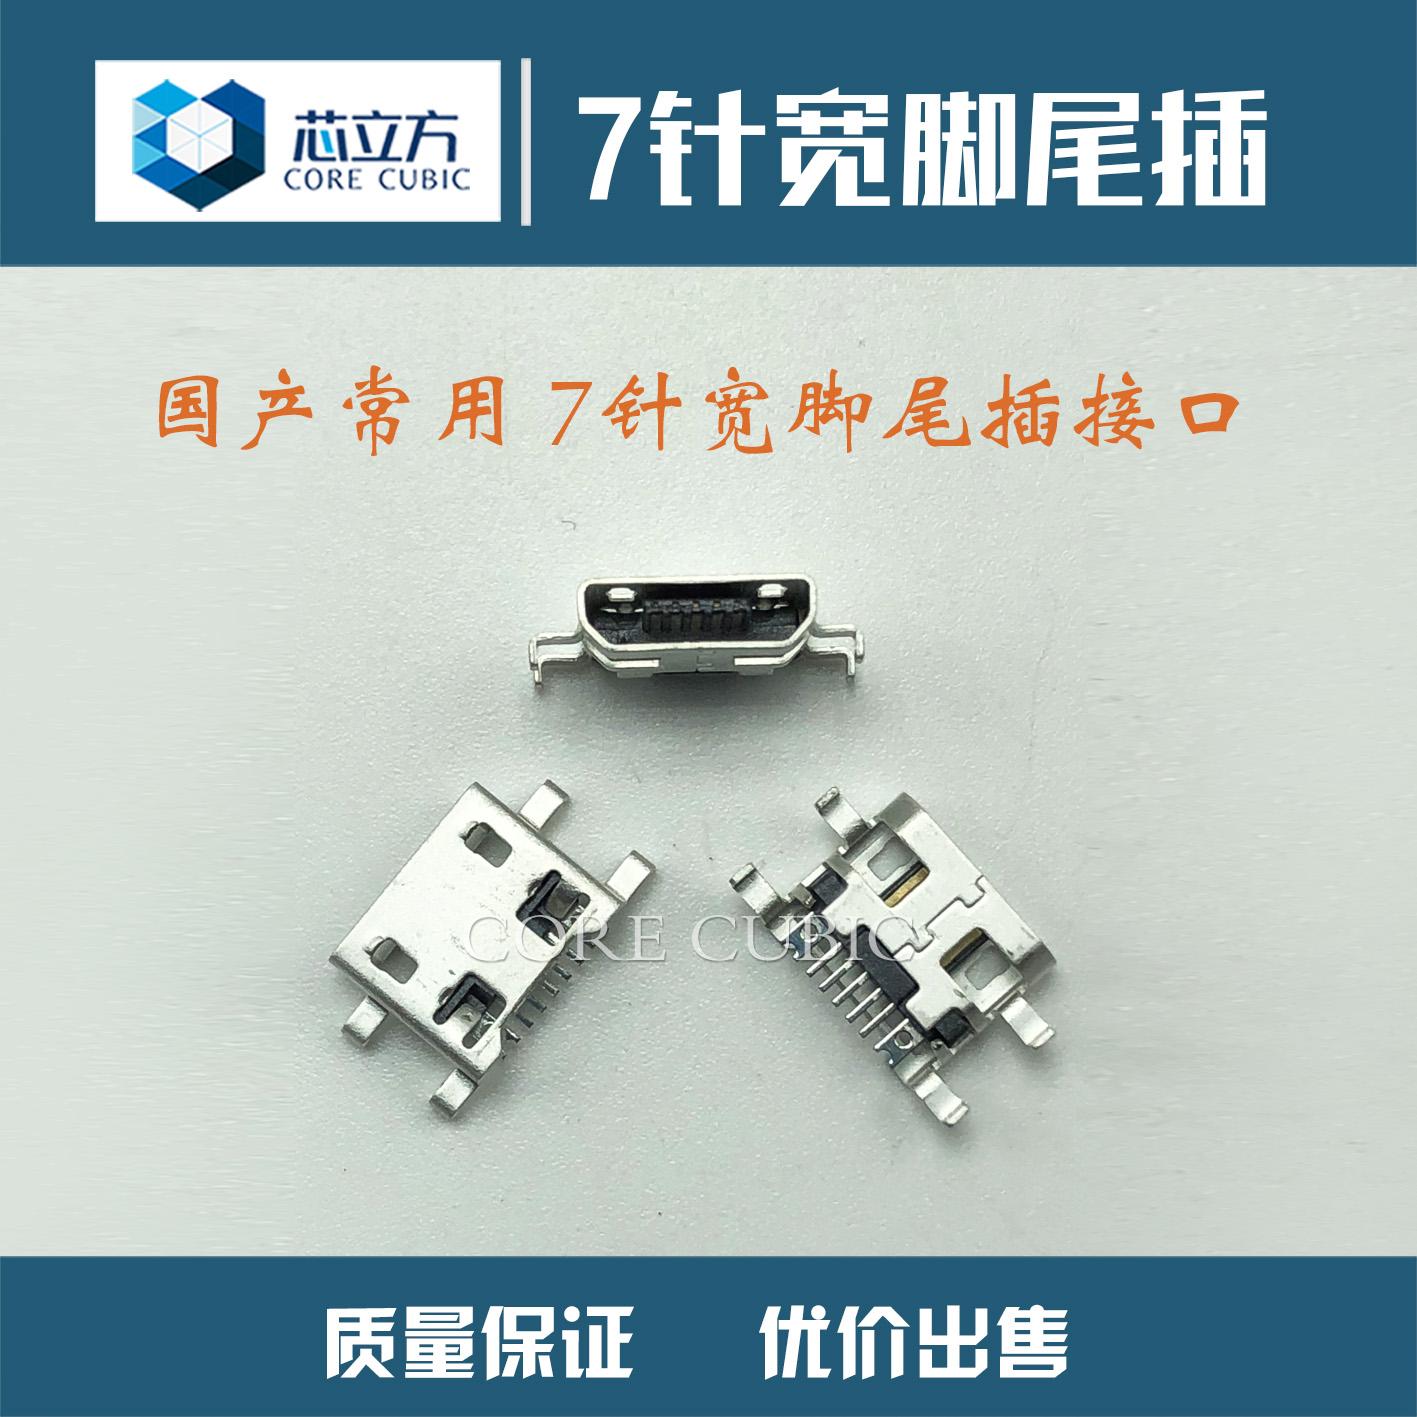 国産タブレットのAndroid携帯電話に適用して、7針のプラグインを常用します。